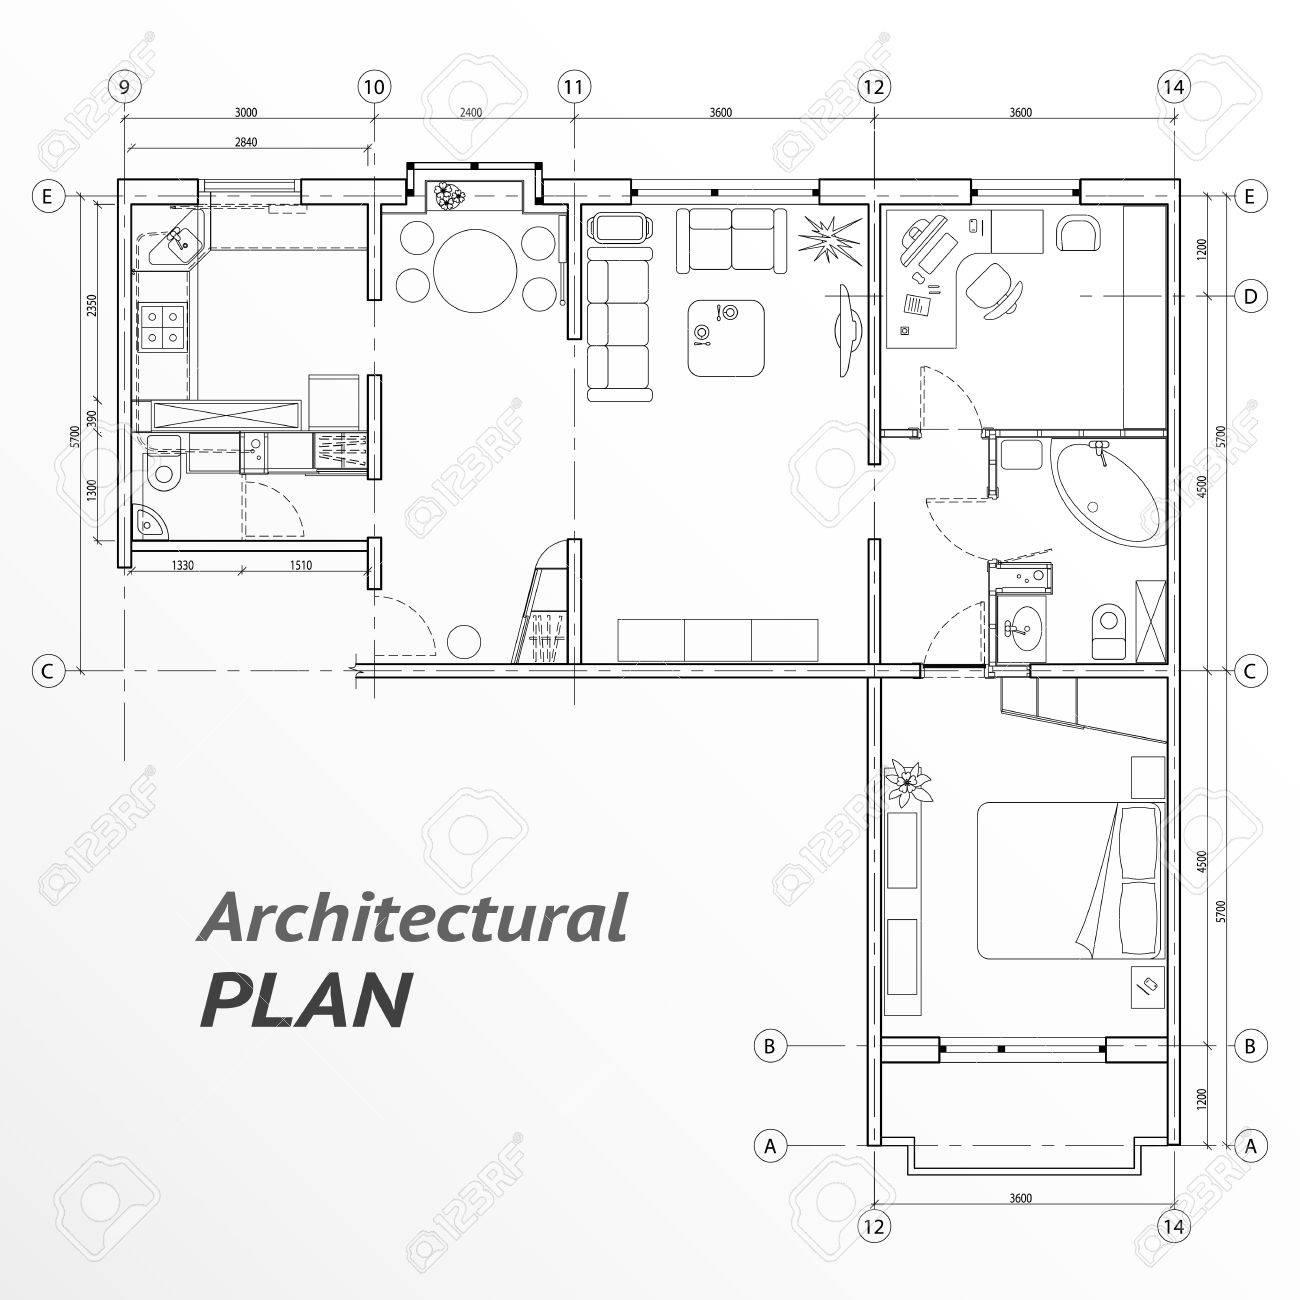 Insieme architettonico di mobili sul piano appartamento con dimensioni.  elementi di design d\'interno di casa, cucina, camera, bagno. Icone linee ...